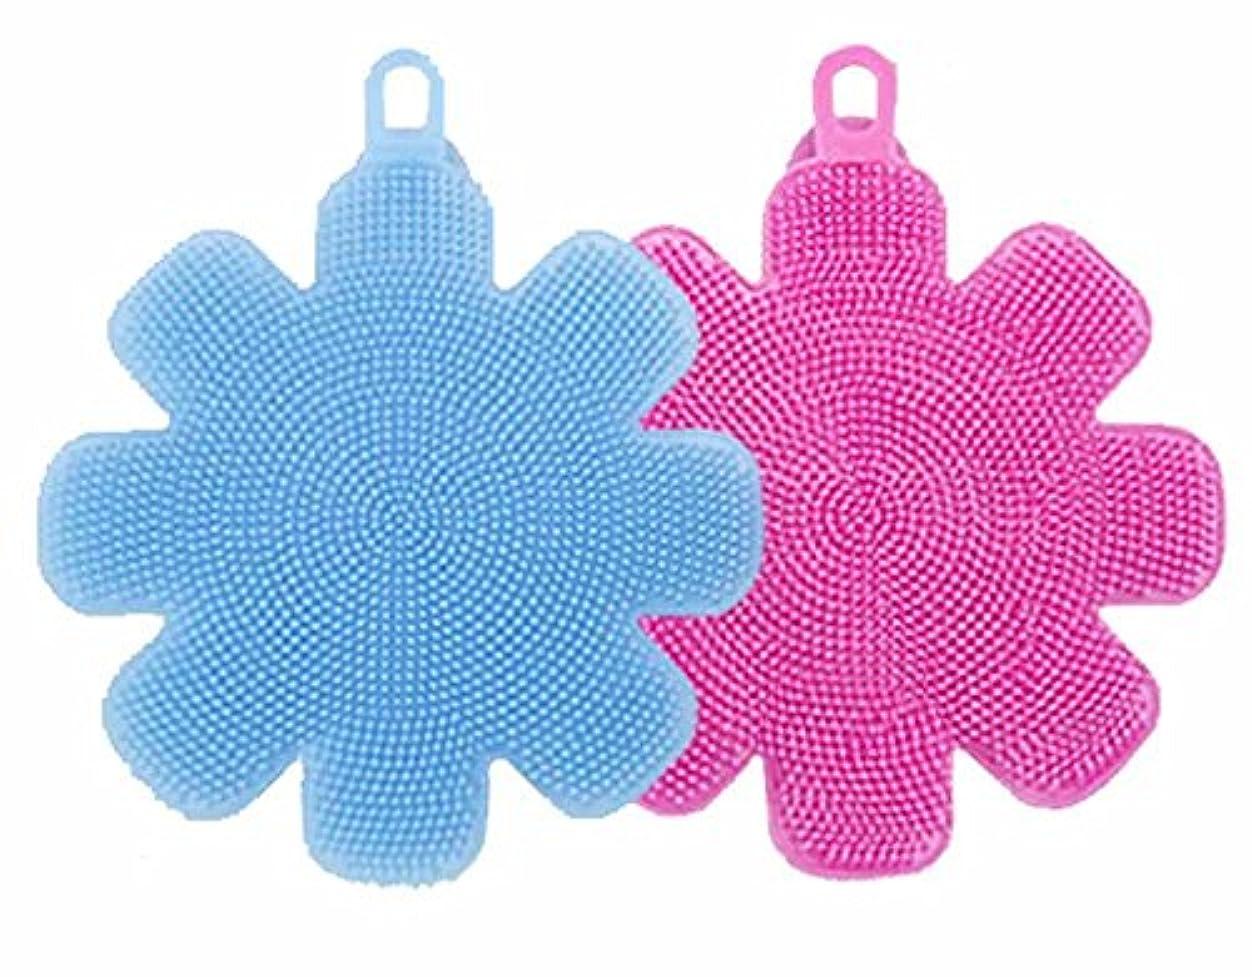 ケイ素星玉ソフトウォッシュ シリコンブラシ2色組